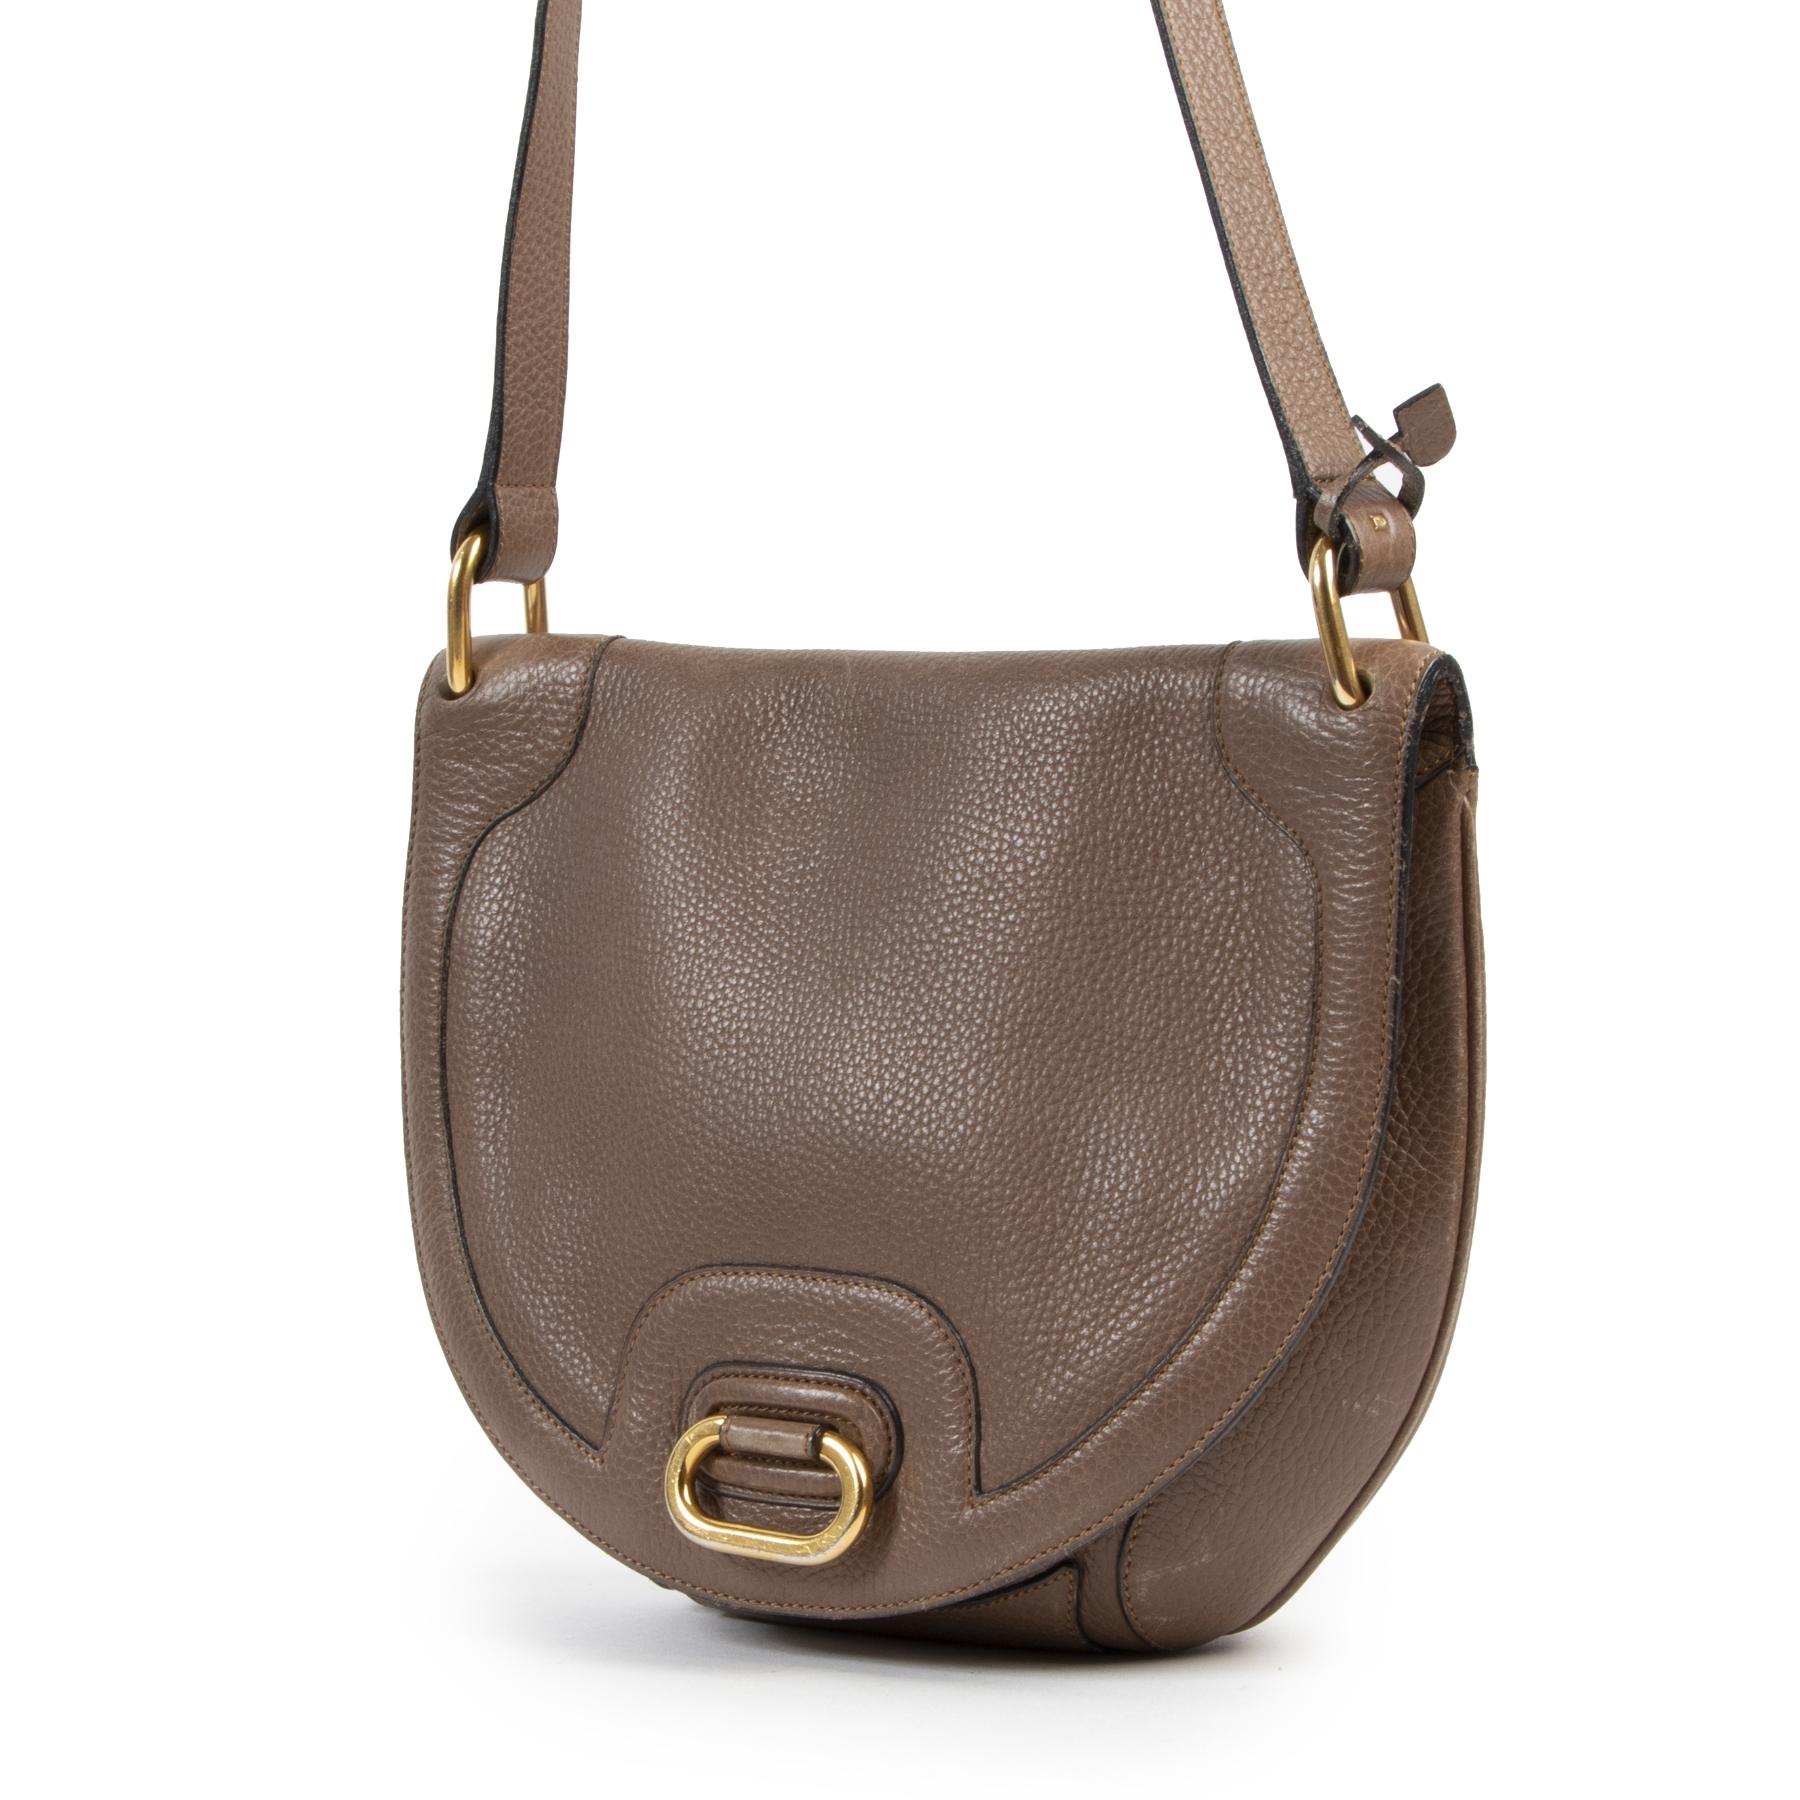 Delvaux Taupe Shoulder Bag pour le meilleur prix chez Labellov